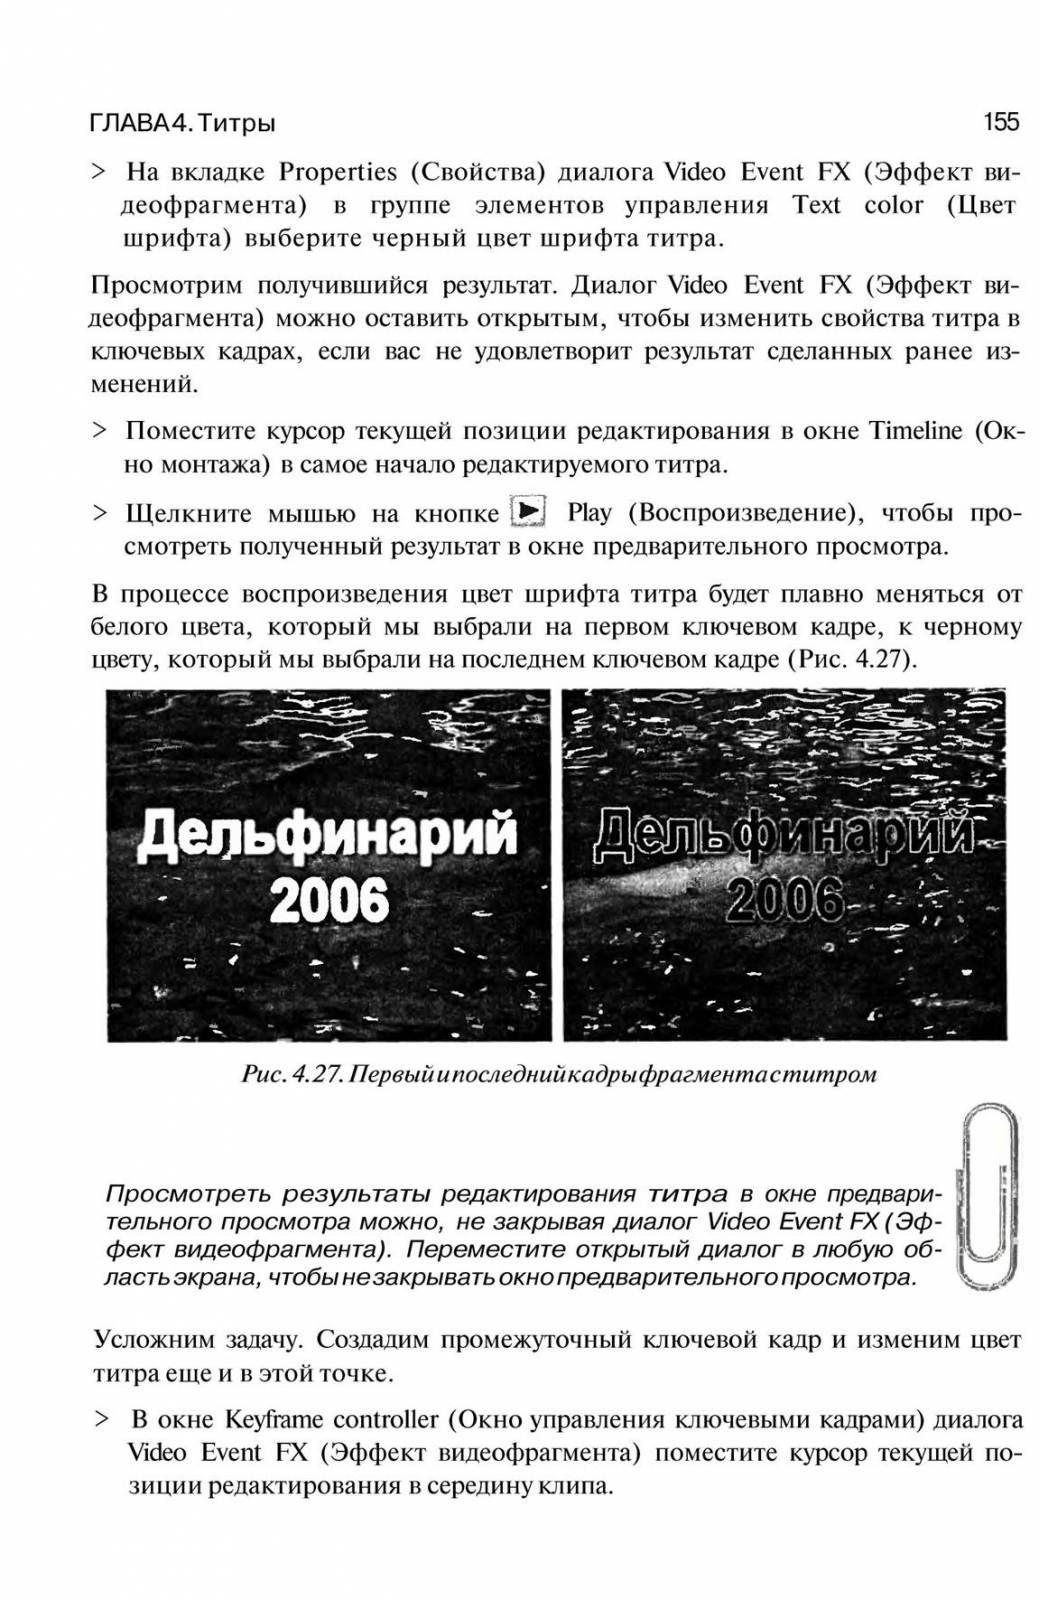 http://redaktori-uroki.3dn.ru/_ph/6/857882250.jpg